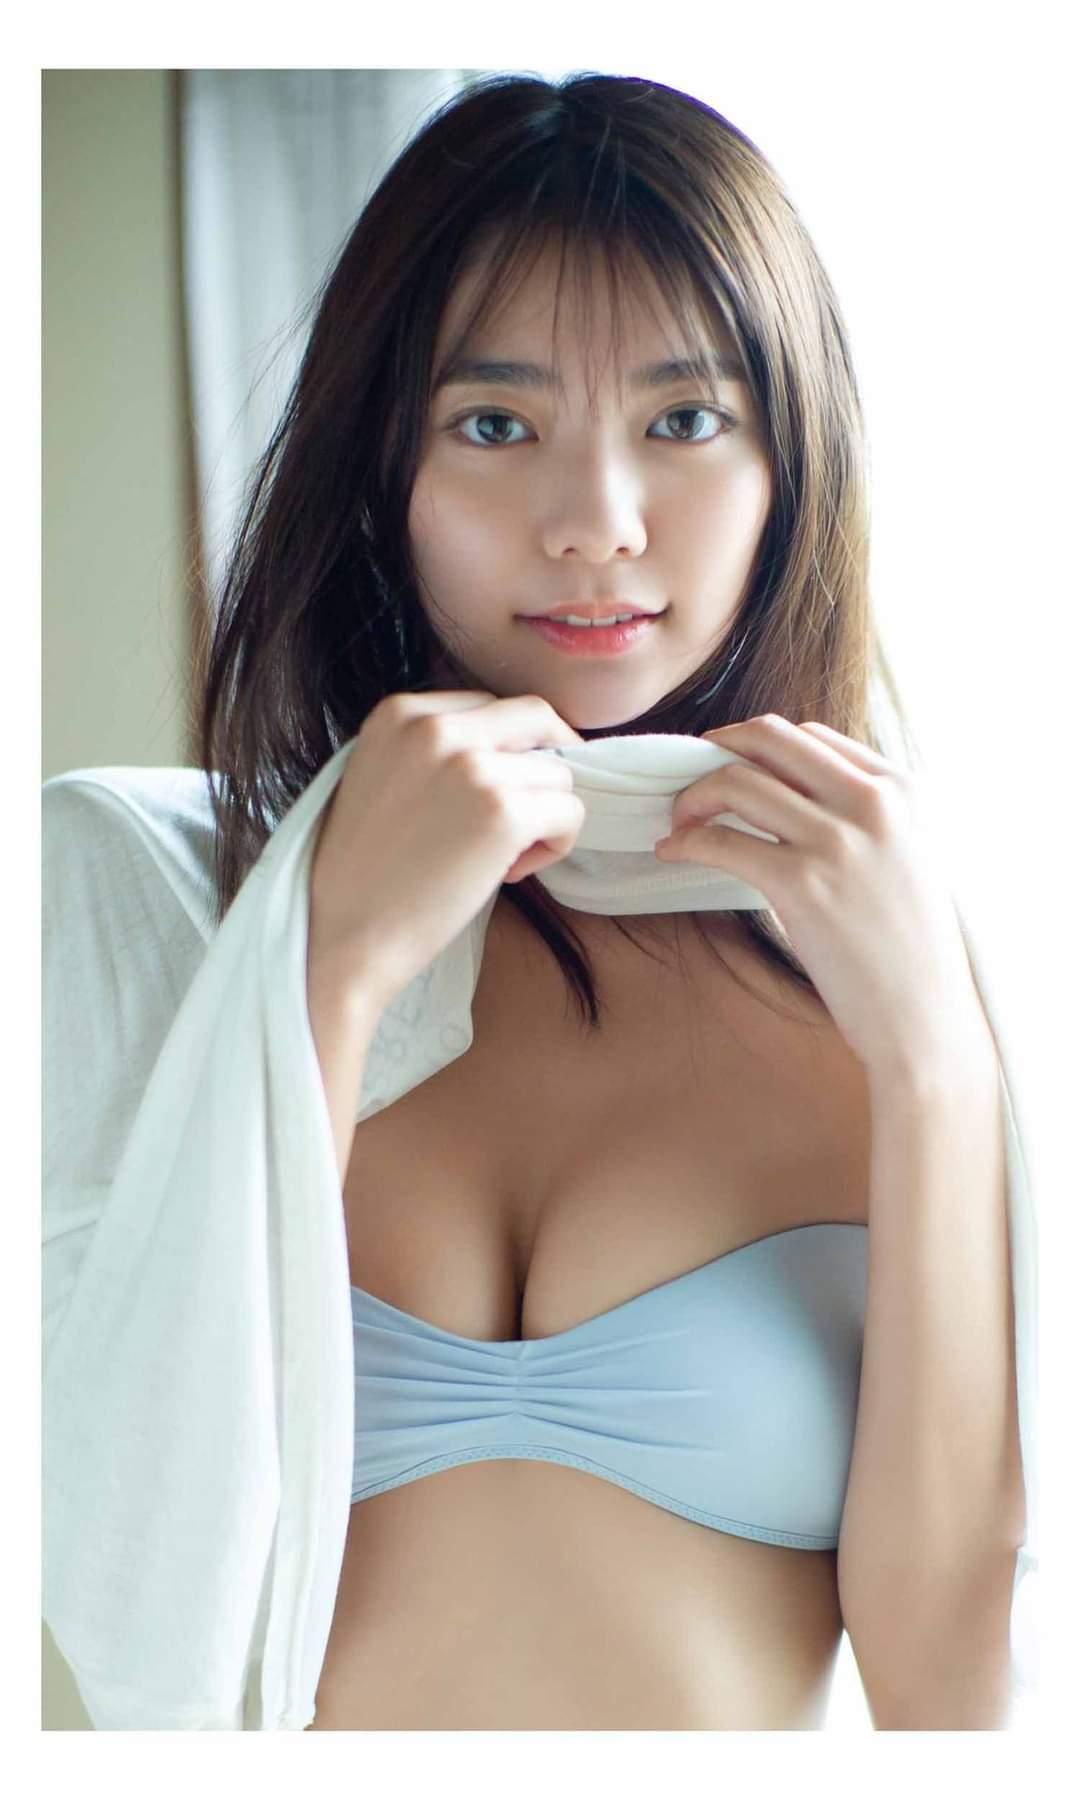 川津明日香 高く、美しく004